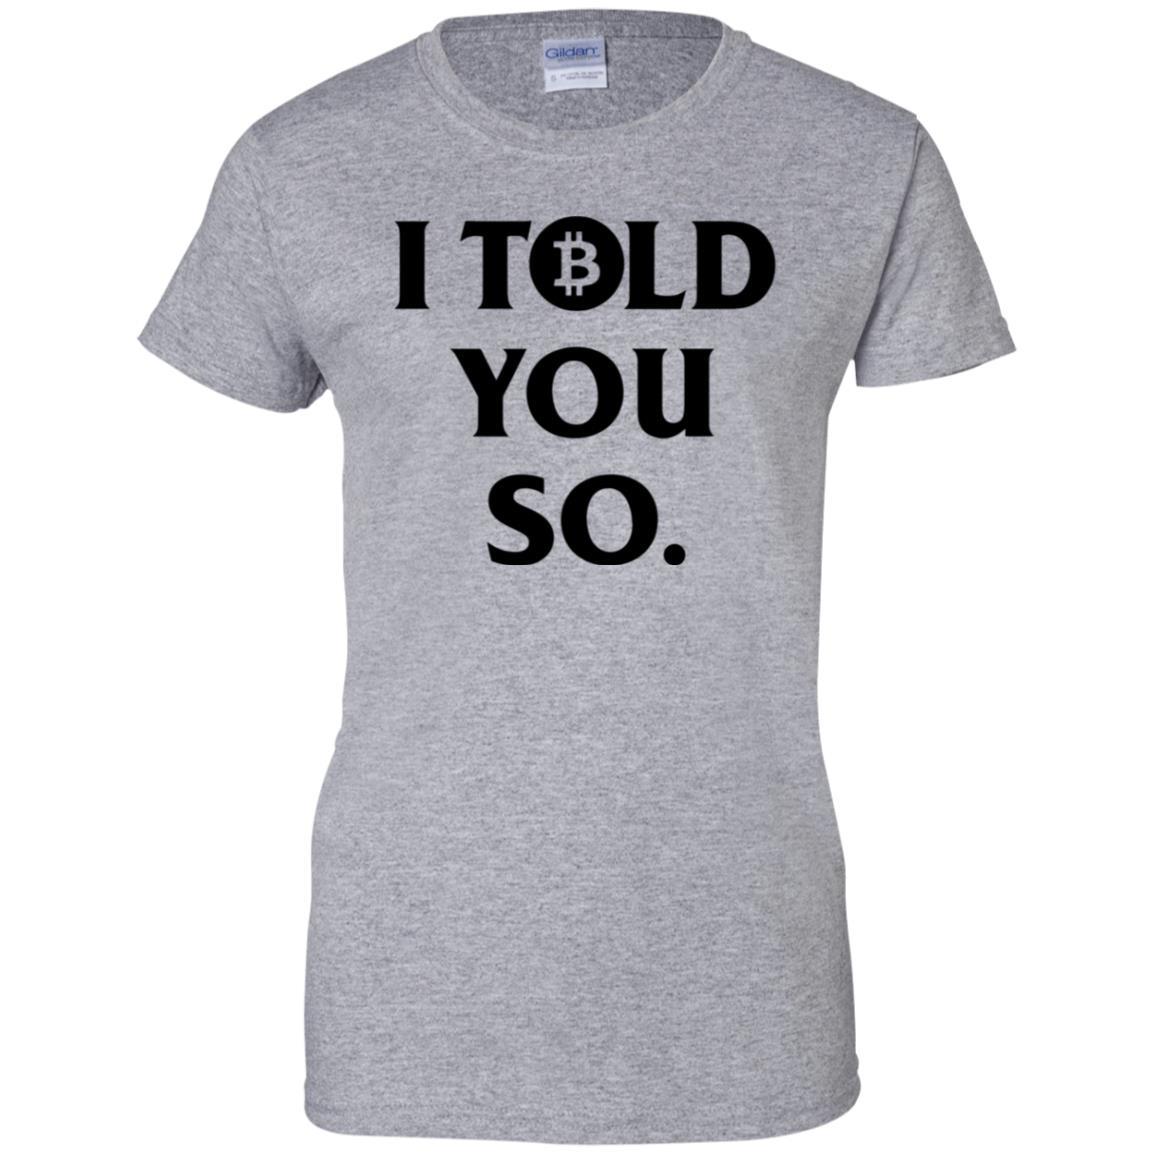 d649ecff924f I Told You So T Shirt - 10% Off - FavorMerch